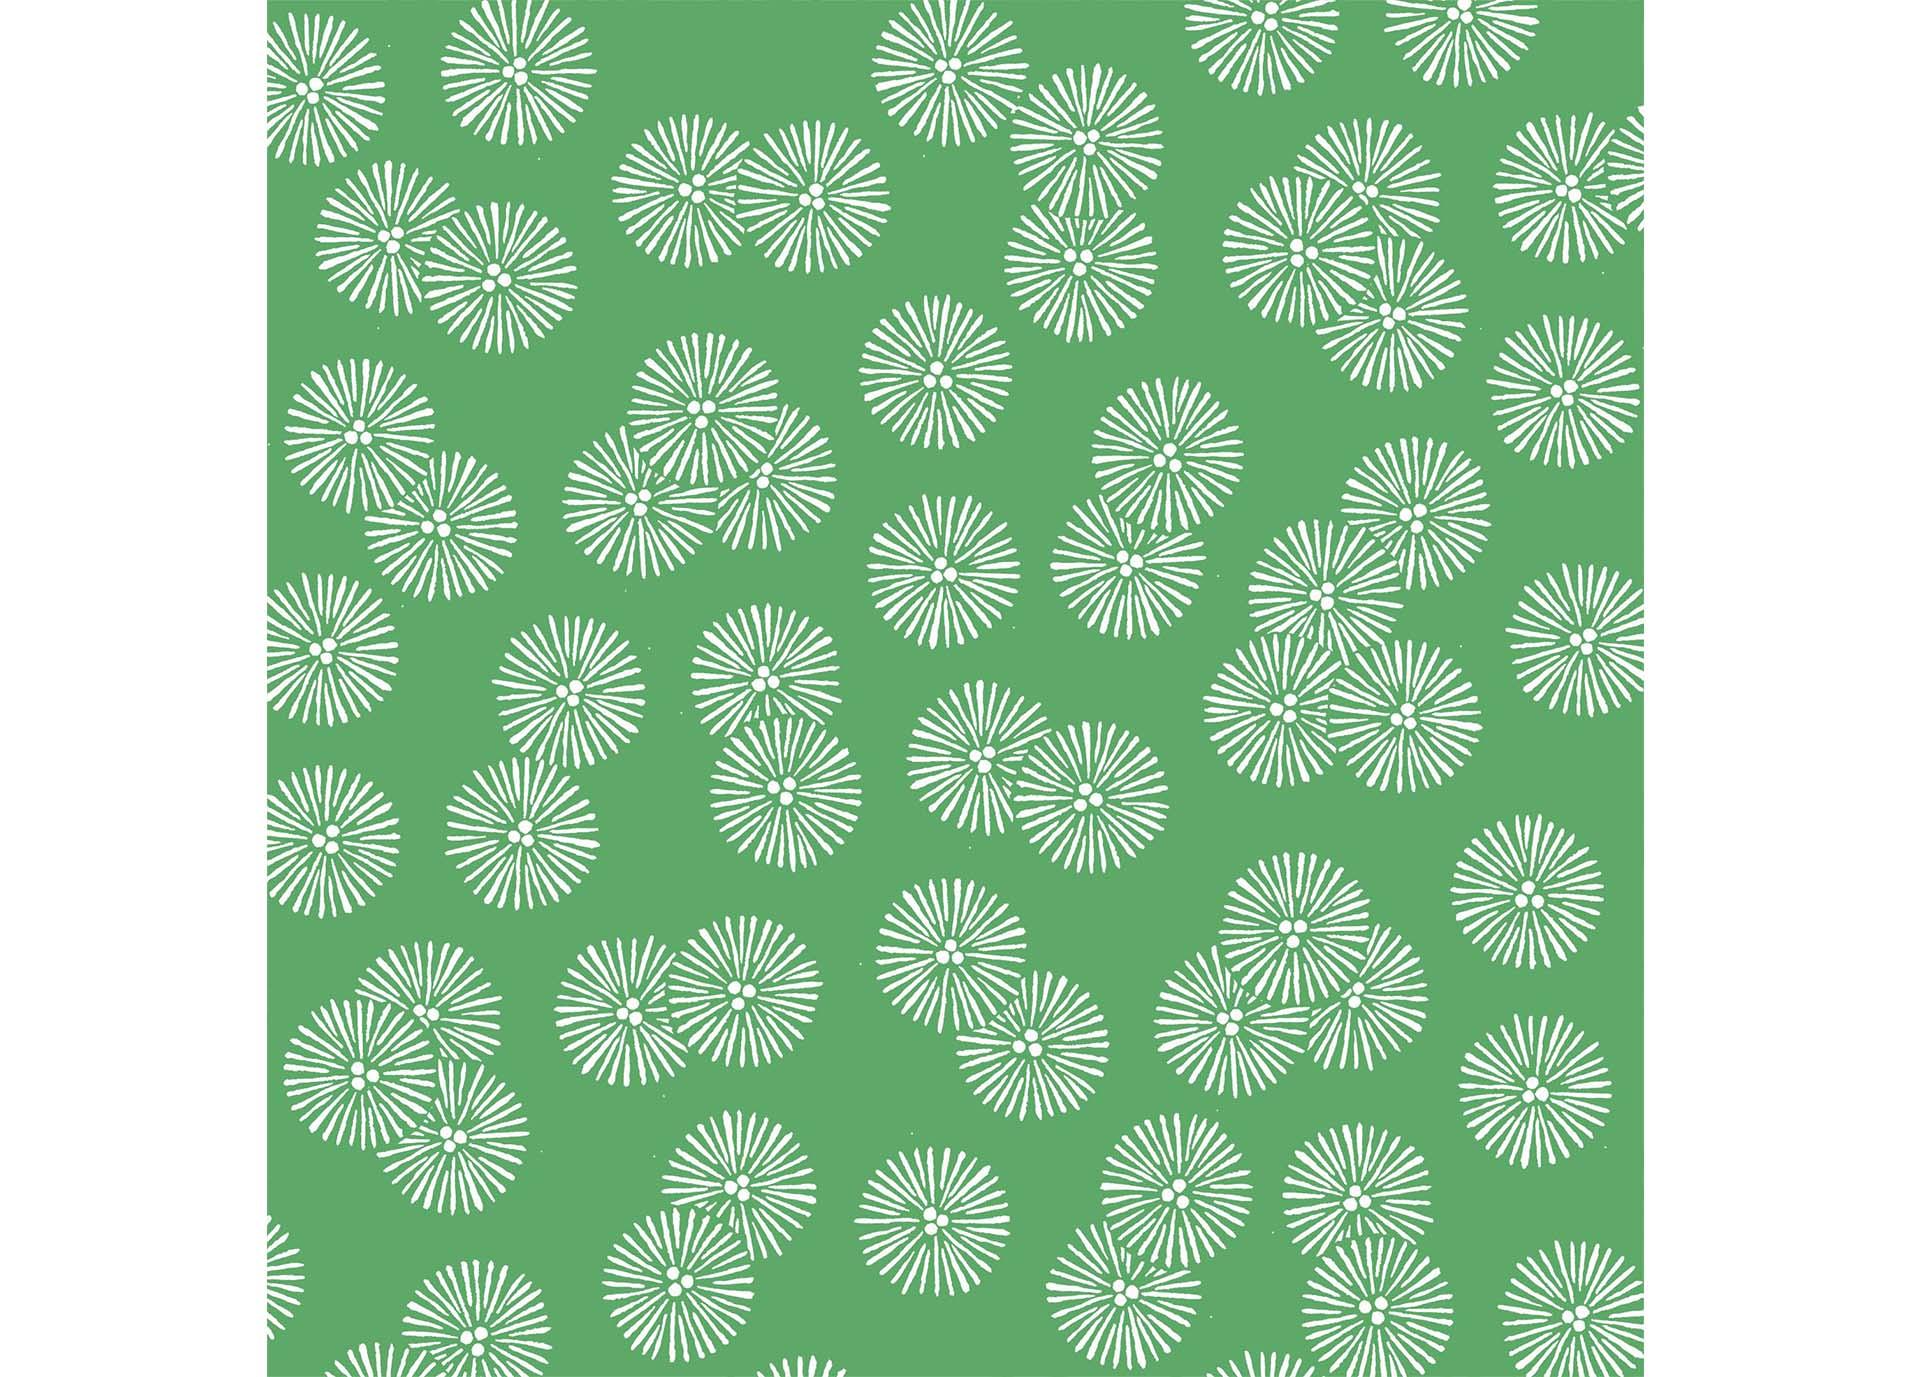 松葉の模様で描いた和柄パターン。松は常緑で、非常に寿命が長く、大木に育つことから「常盤の松」と言われ、吉祥な木とされています。松の幹、枝、葉などが多様に意匠化されました。 特に、若い松の木は「若松」と呼ばれ、お正月の門松などに用いられます。新しくめでたいものを象徴する吉祥な植物とされています。 また、下に掲載した「松葉」は独特の形をしており、デザインのバリエーションも多く、衣類から工芸品まで幅広く用いられています。